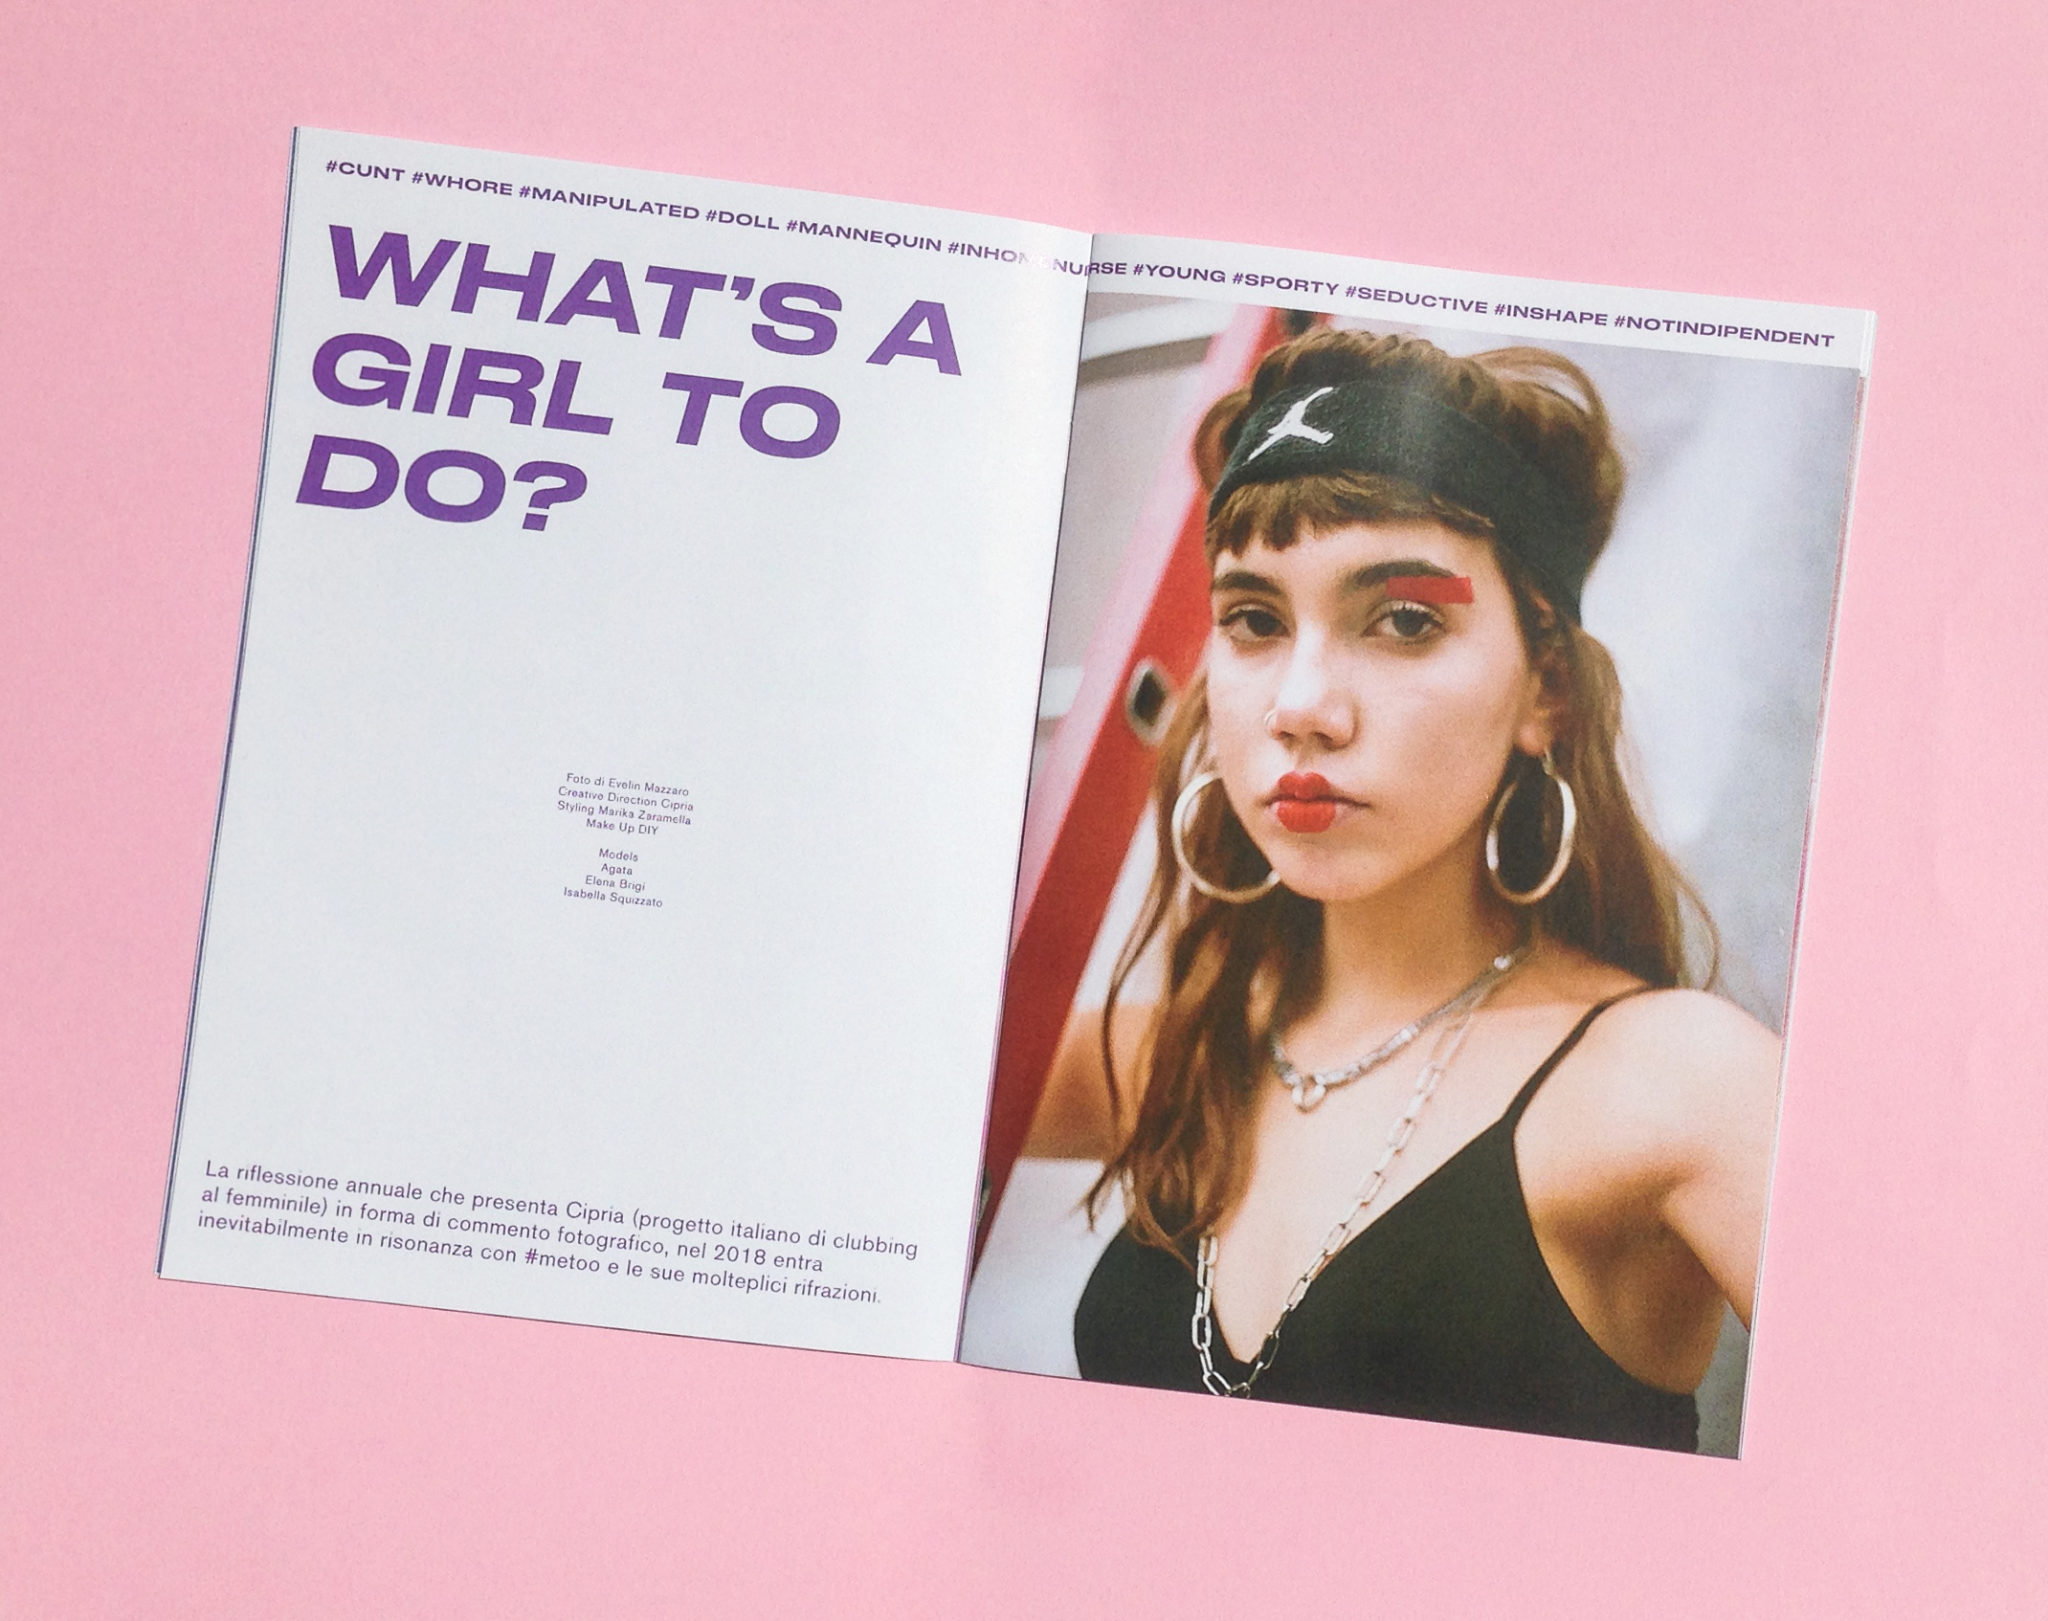 Un magazine per bambini onnivori e un altro di piccole e grandi rivoluzioni al femminile, riviste autoprodotte da Bekko, associazione di cultura visiva